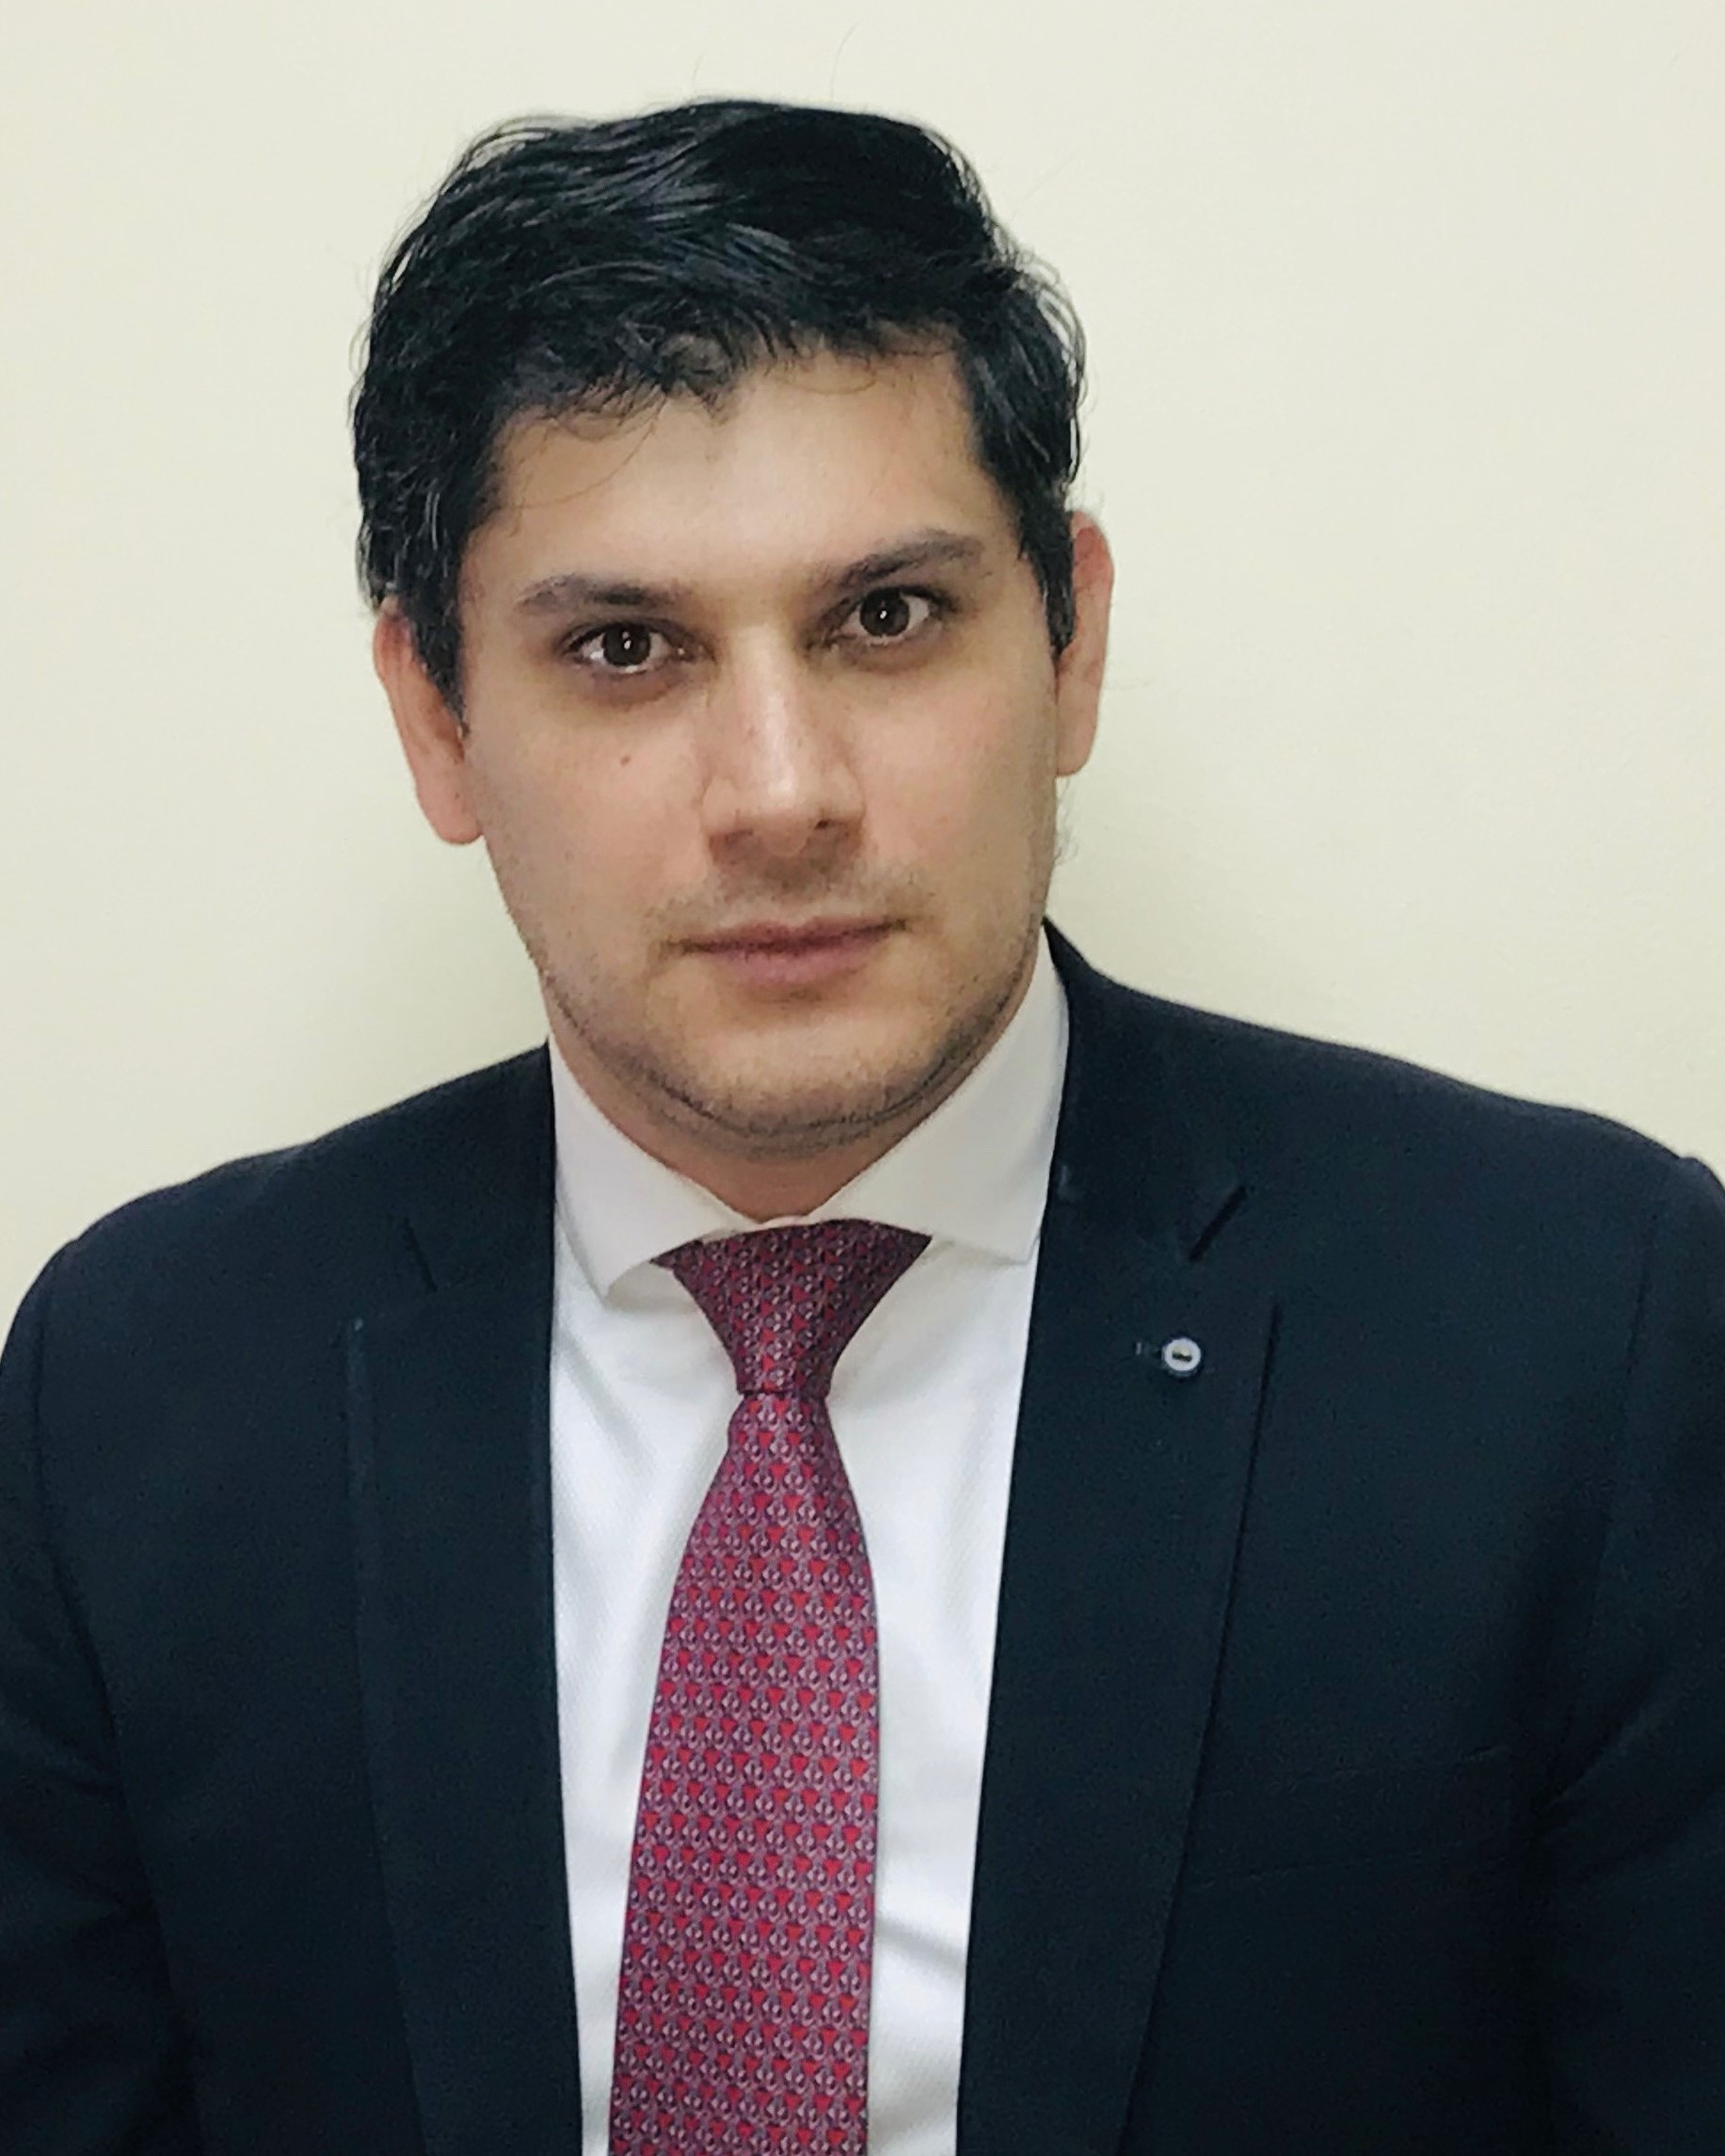 Jhoan Marquez